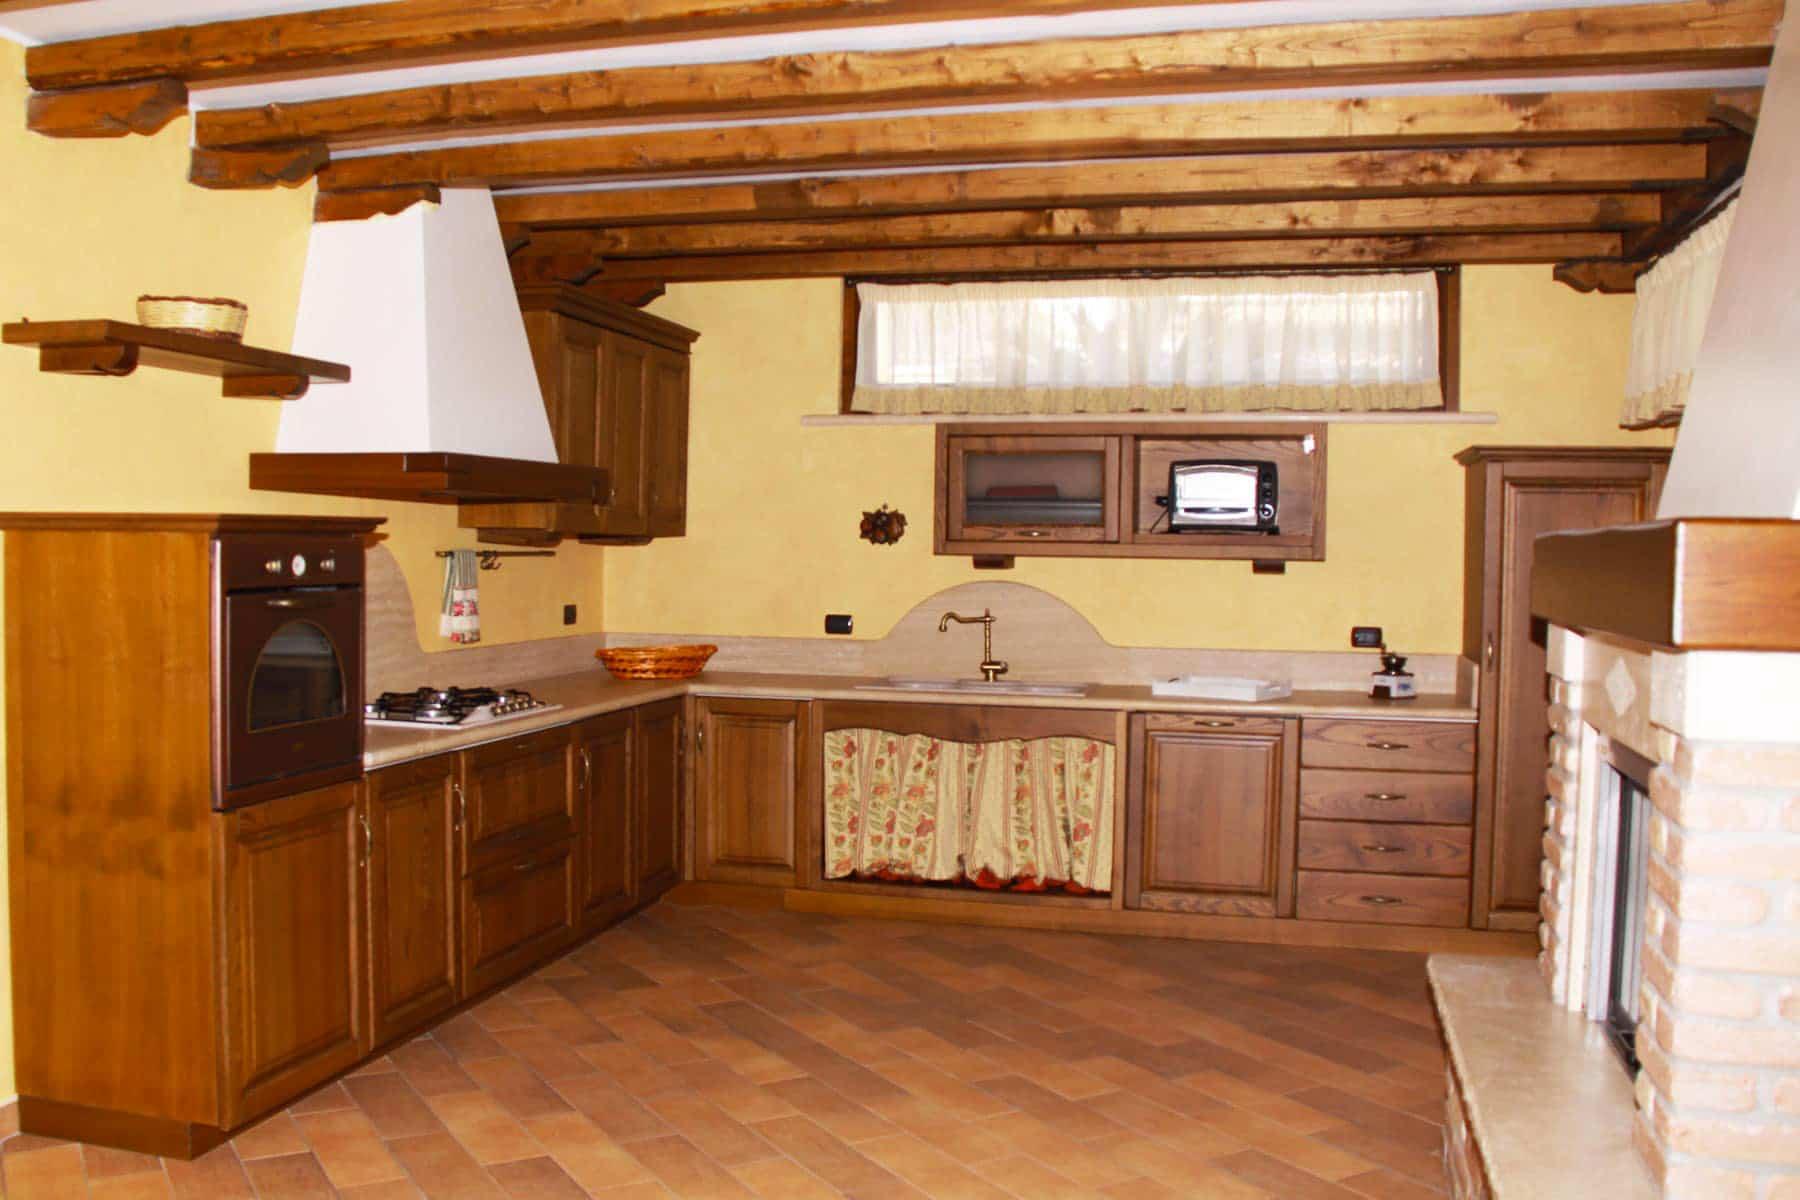 Cucina con ante in castagno - Falegnameria Caponi